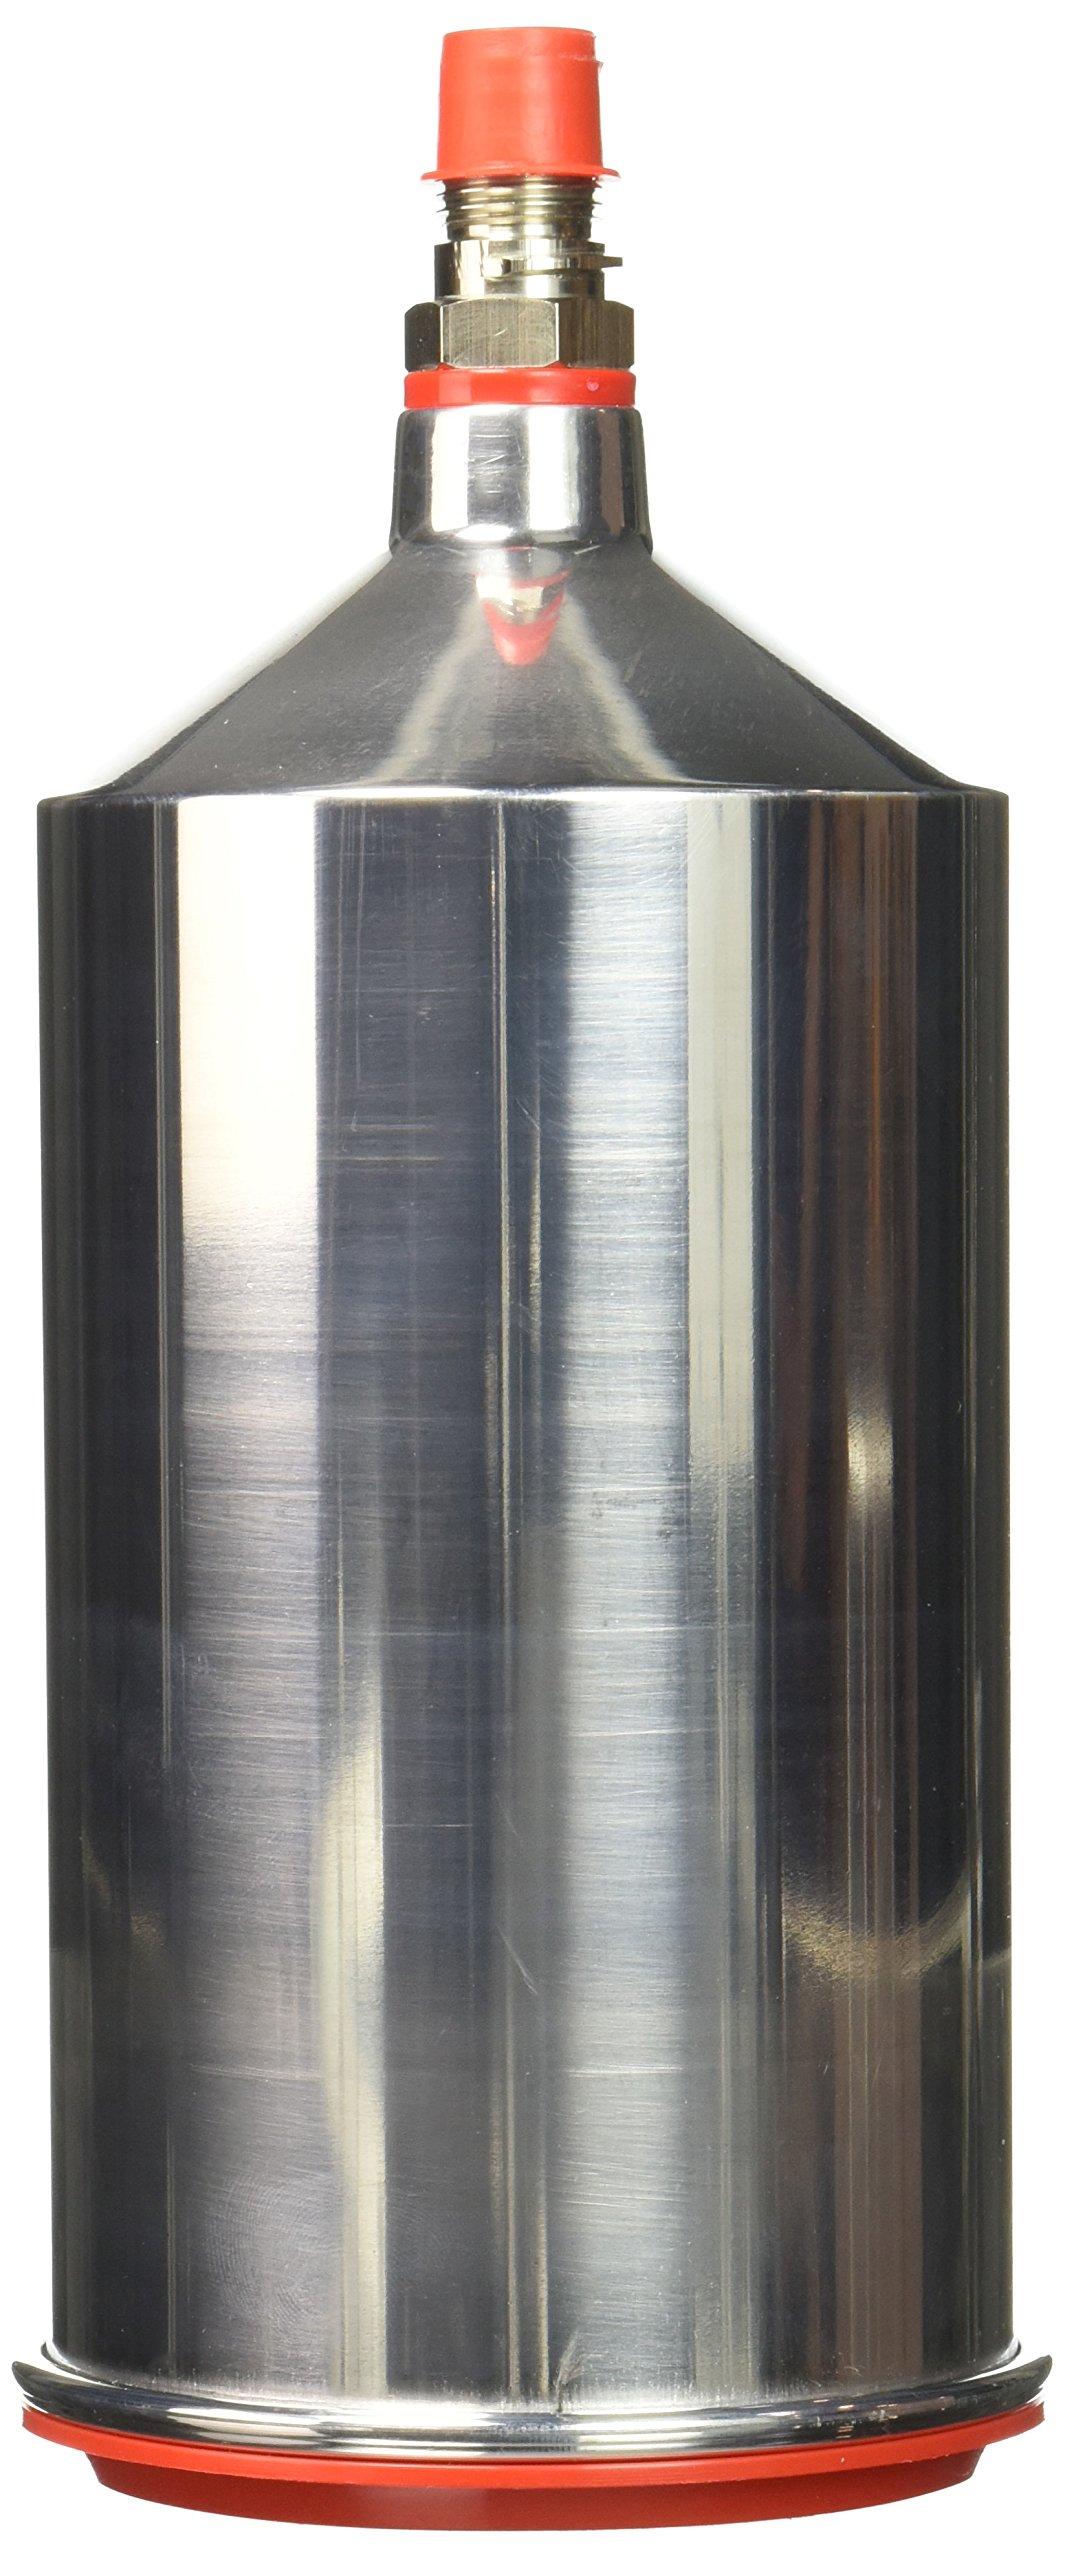 Sata SAT96685 Silver Gravity Flow Cup (1L Aluminum) by Sata (Image #1)